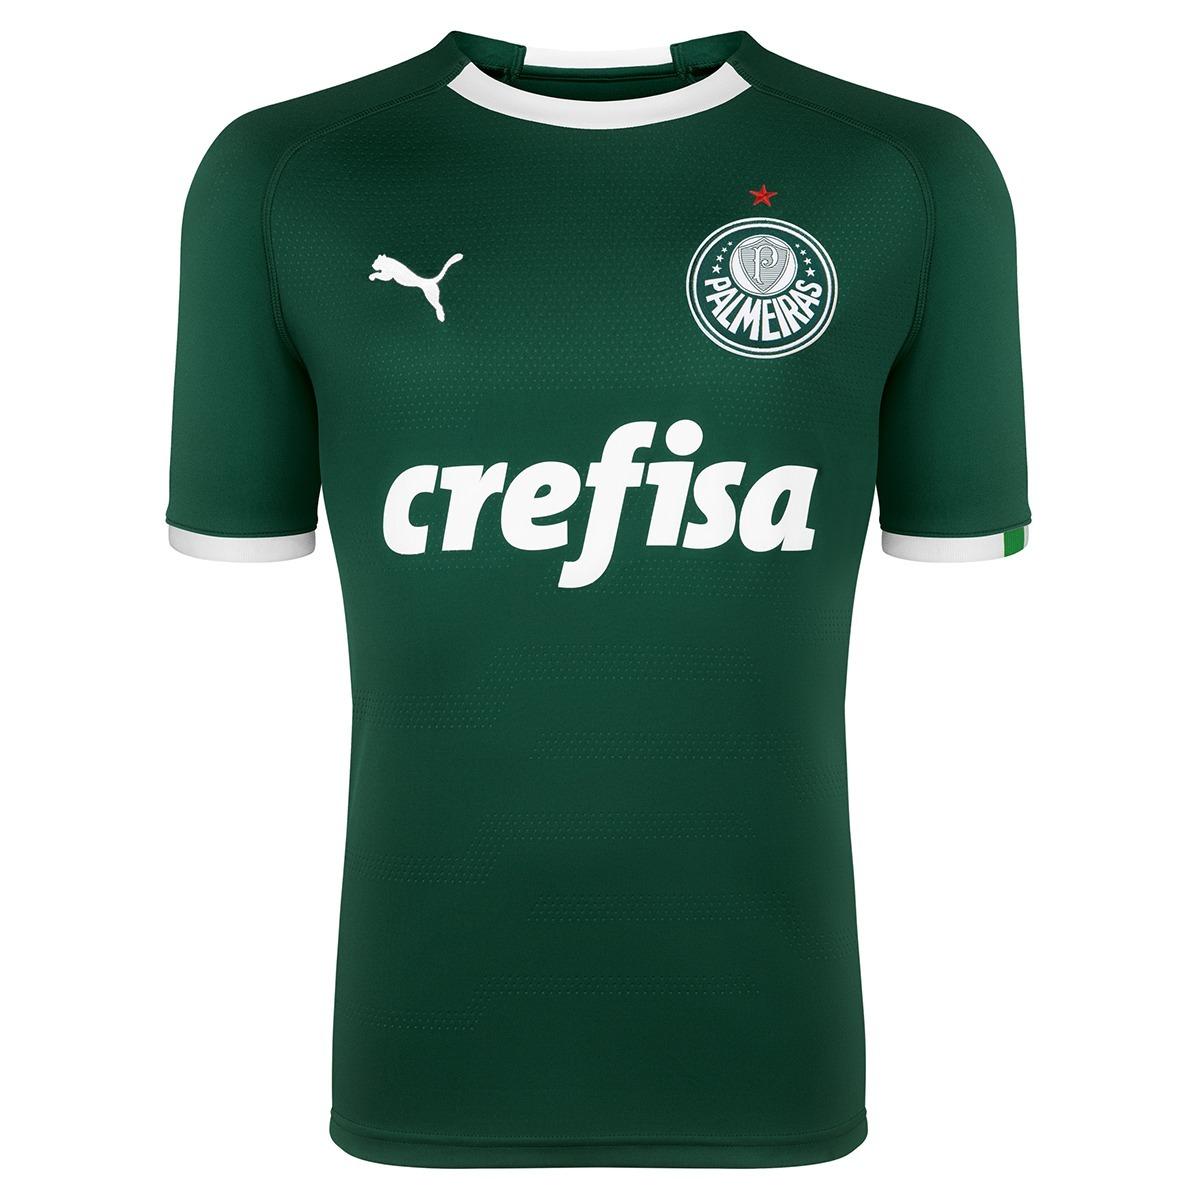 Camisa Palmeiras Original Puma 2019 Verde branca - R  179 b936605cd75d8